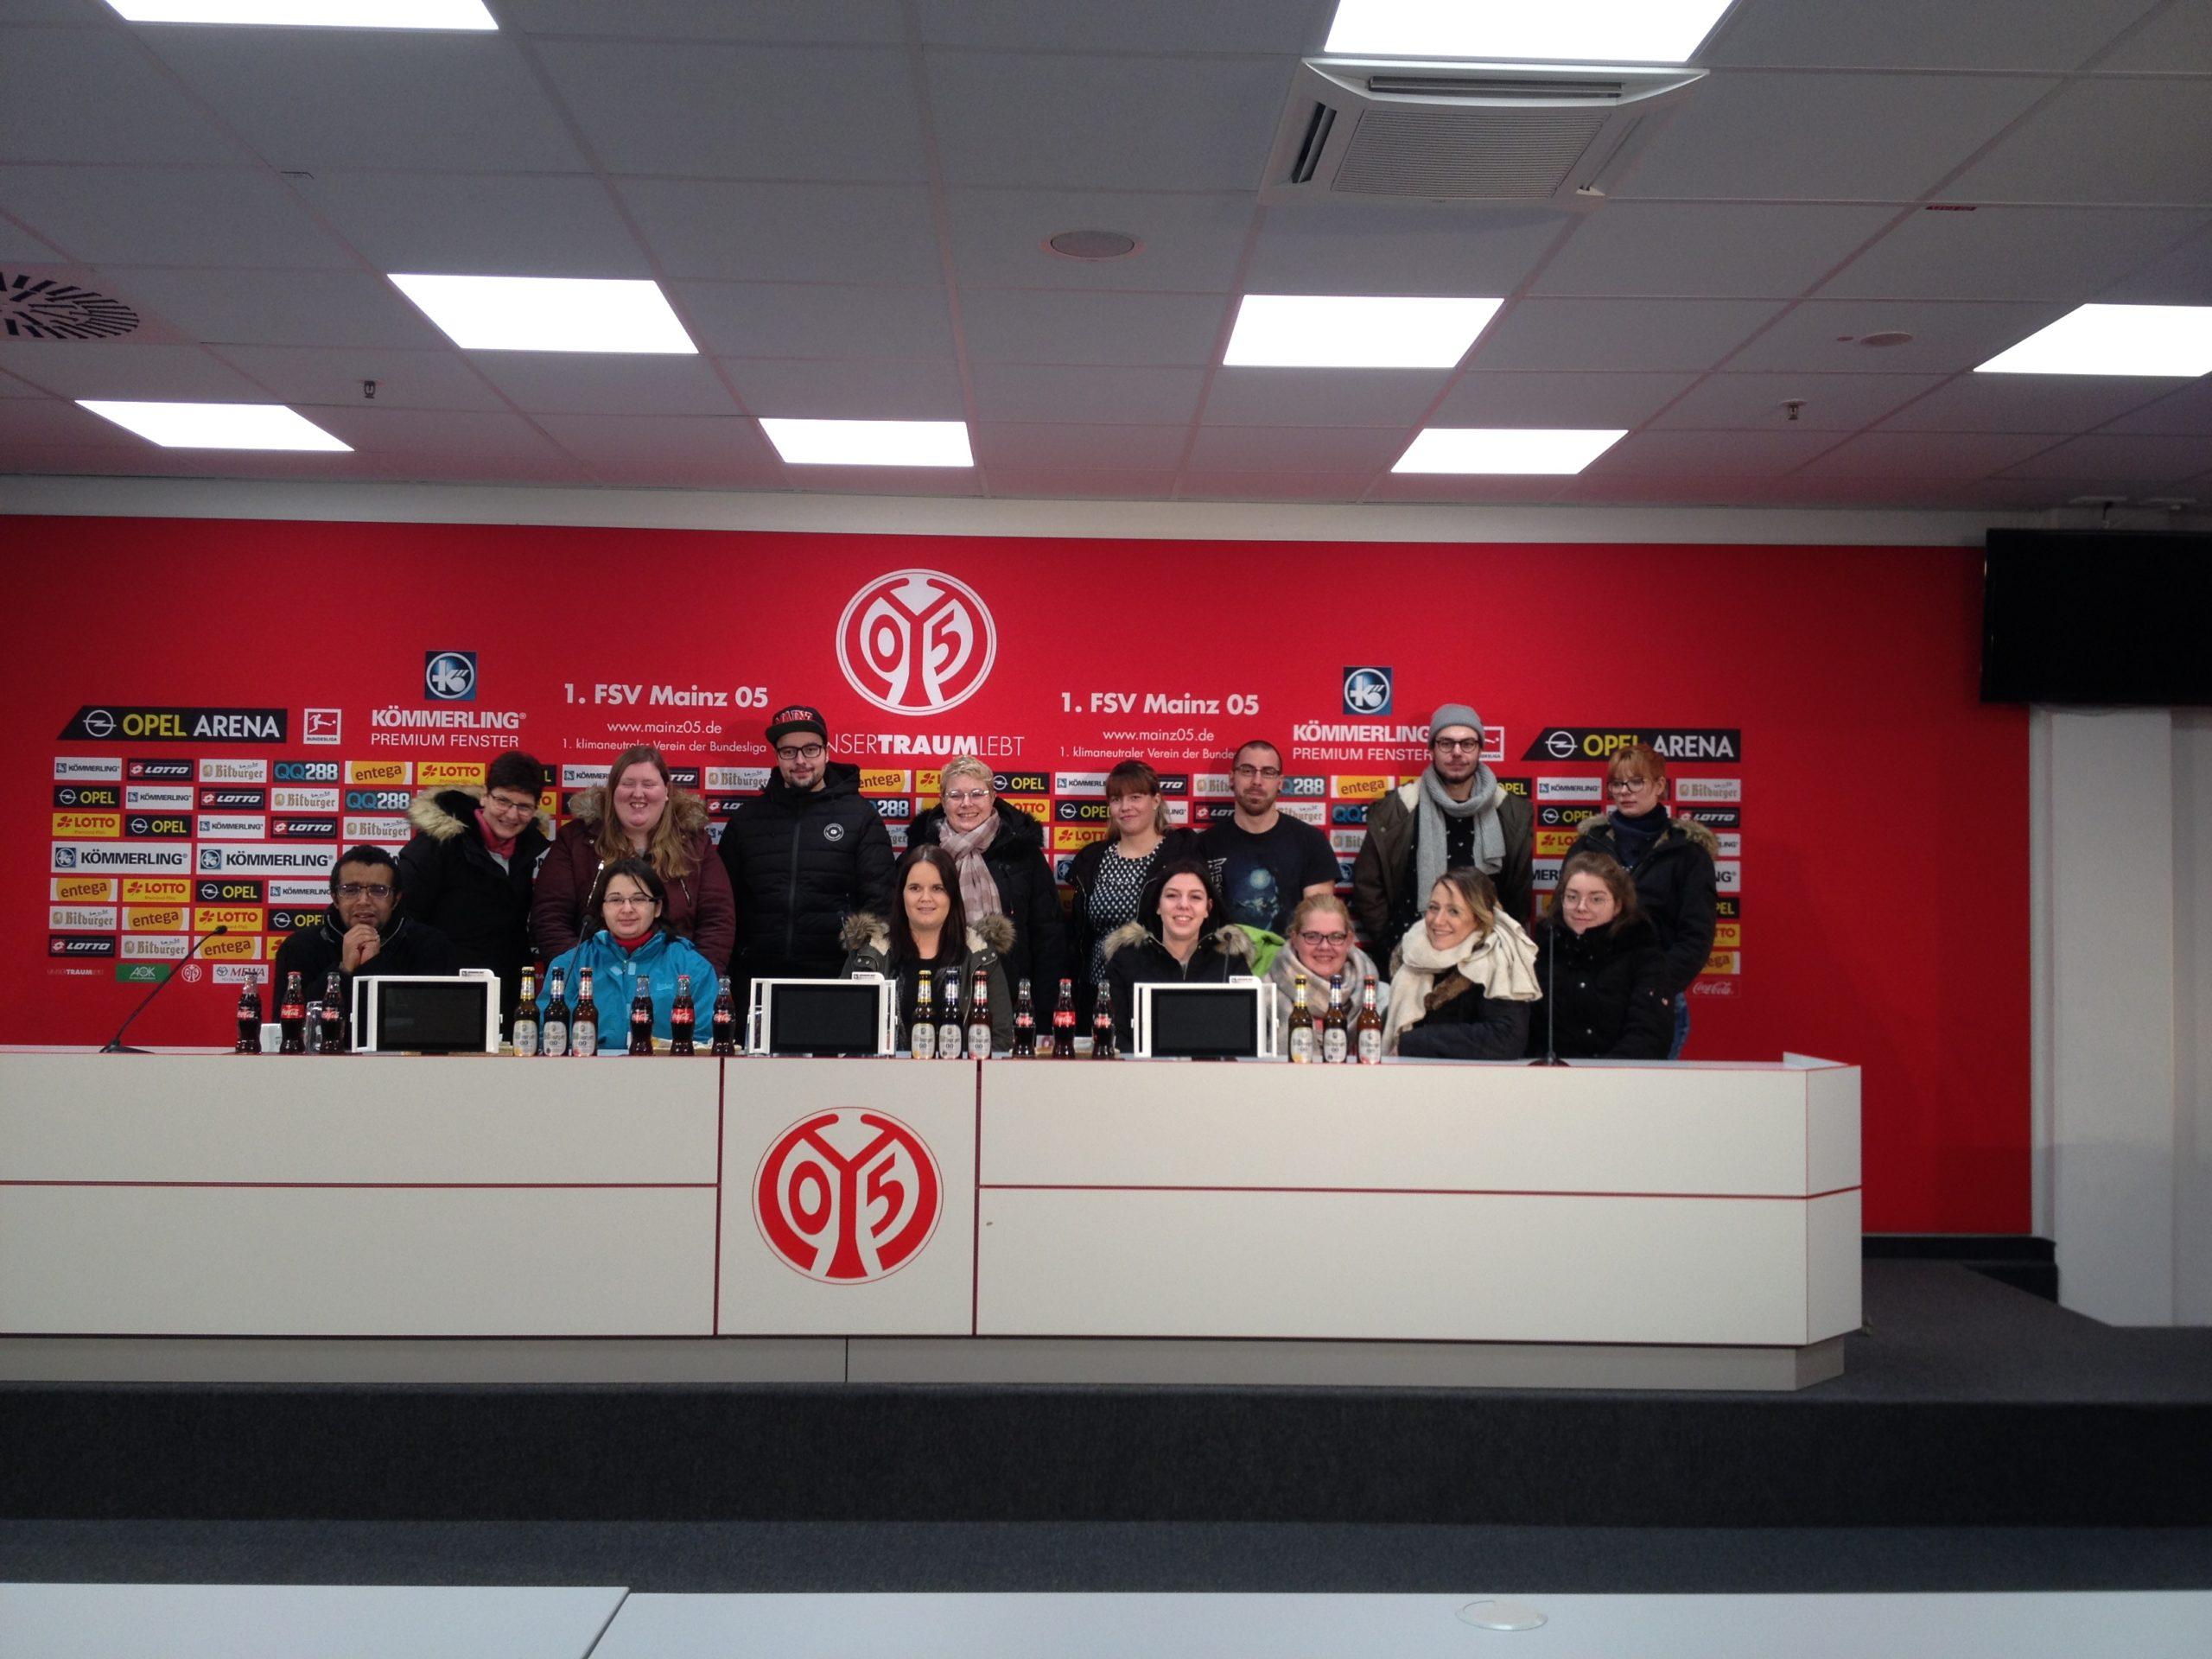 Wer rastet, der rostet – seniorenorientierte Angebote in und um Mainz